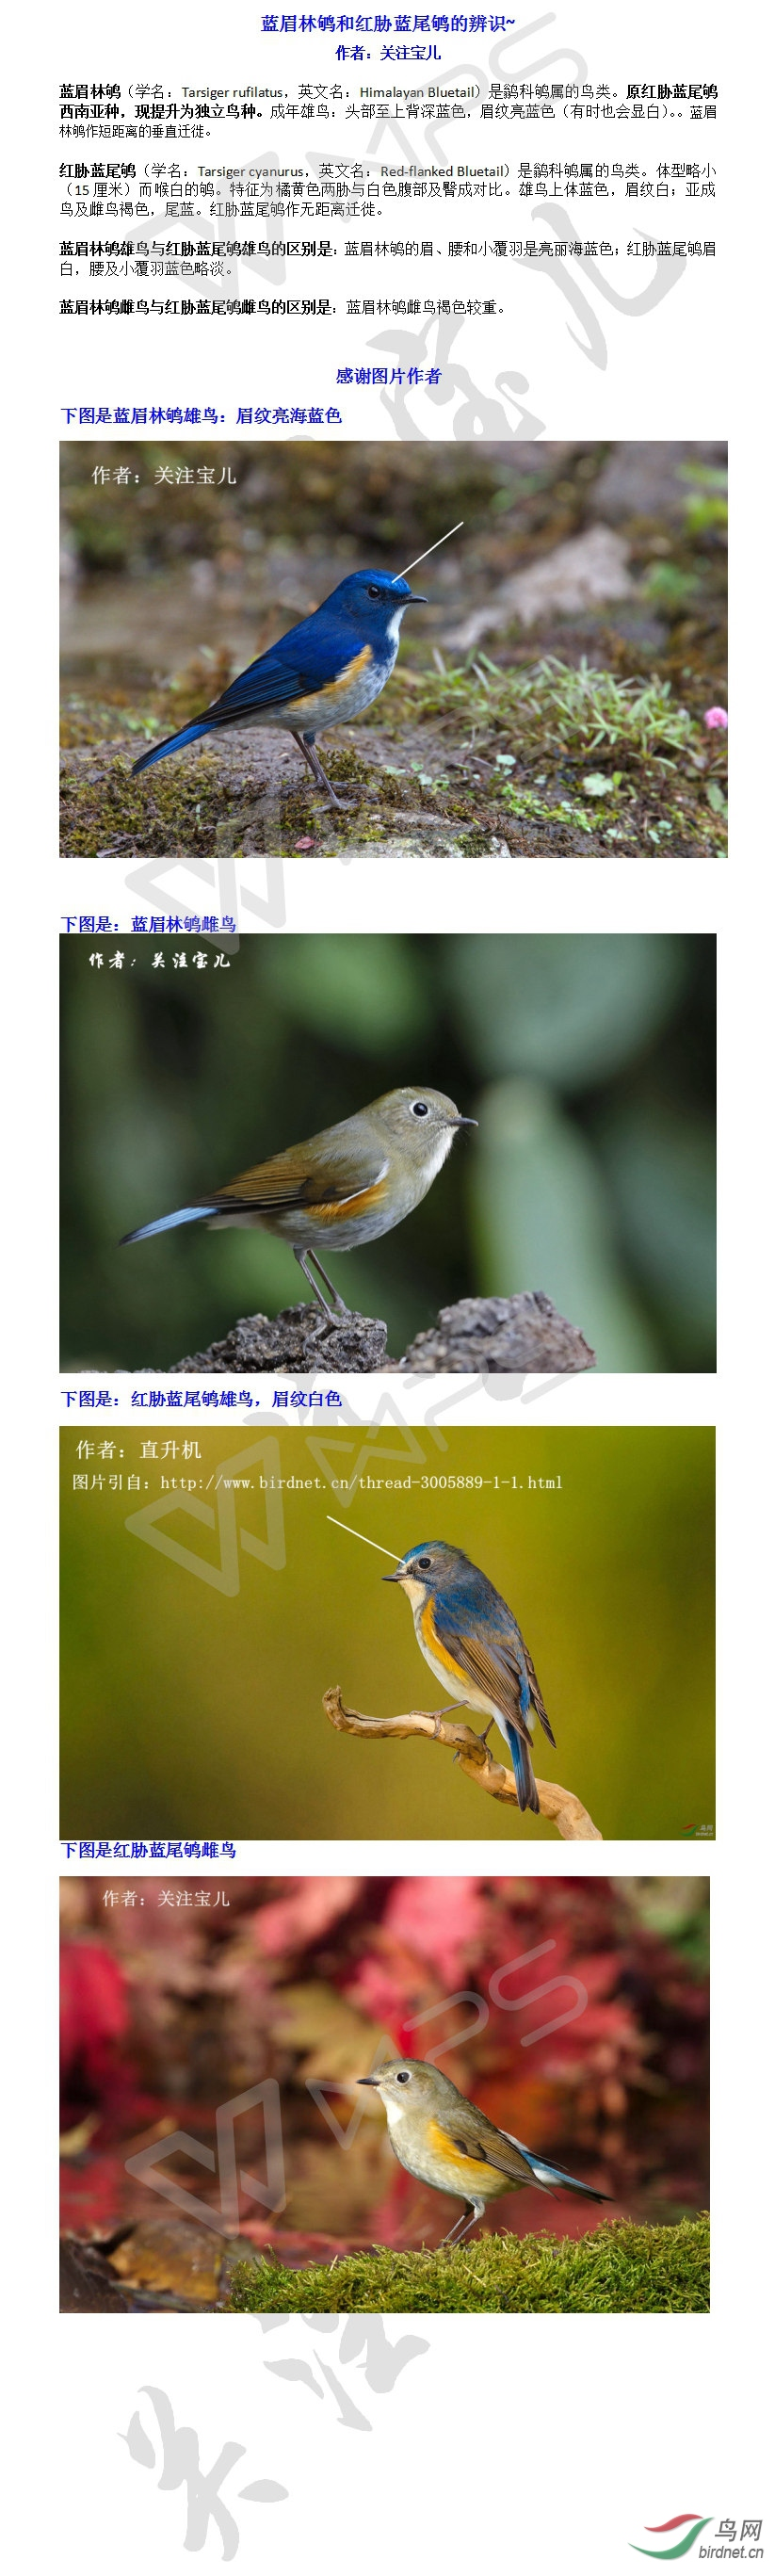 蓝眉林鸲和红胁蓝尾鸲的辨识.jpg